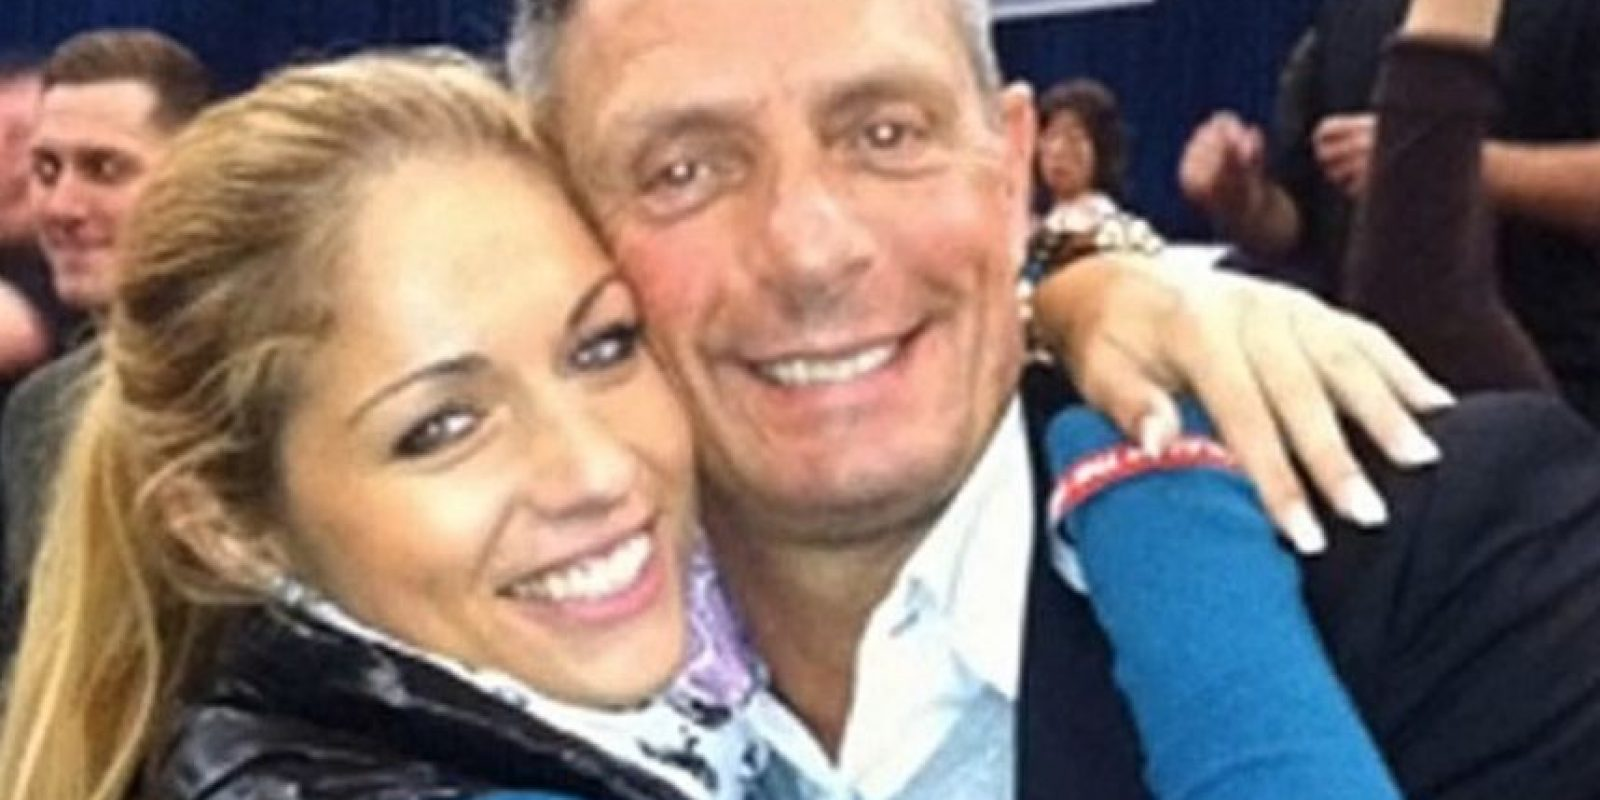 Ambos parecían muy felices Foto:Vía Twitter